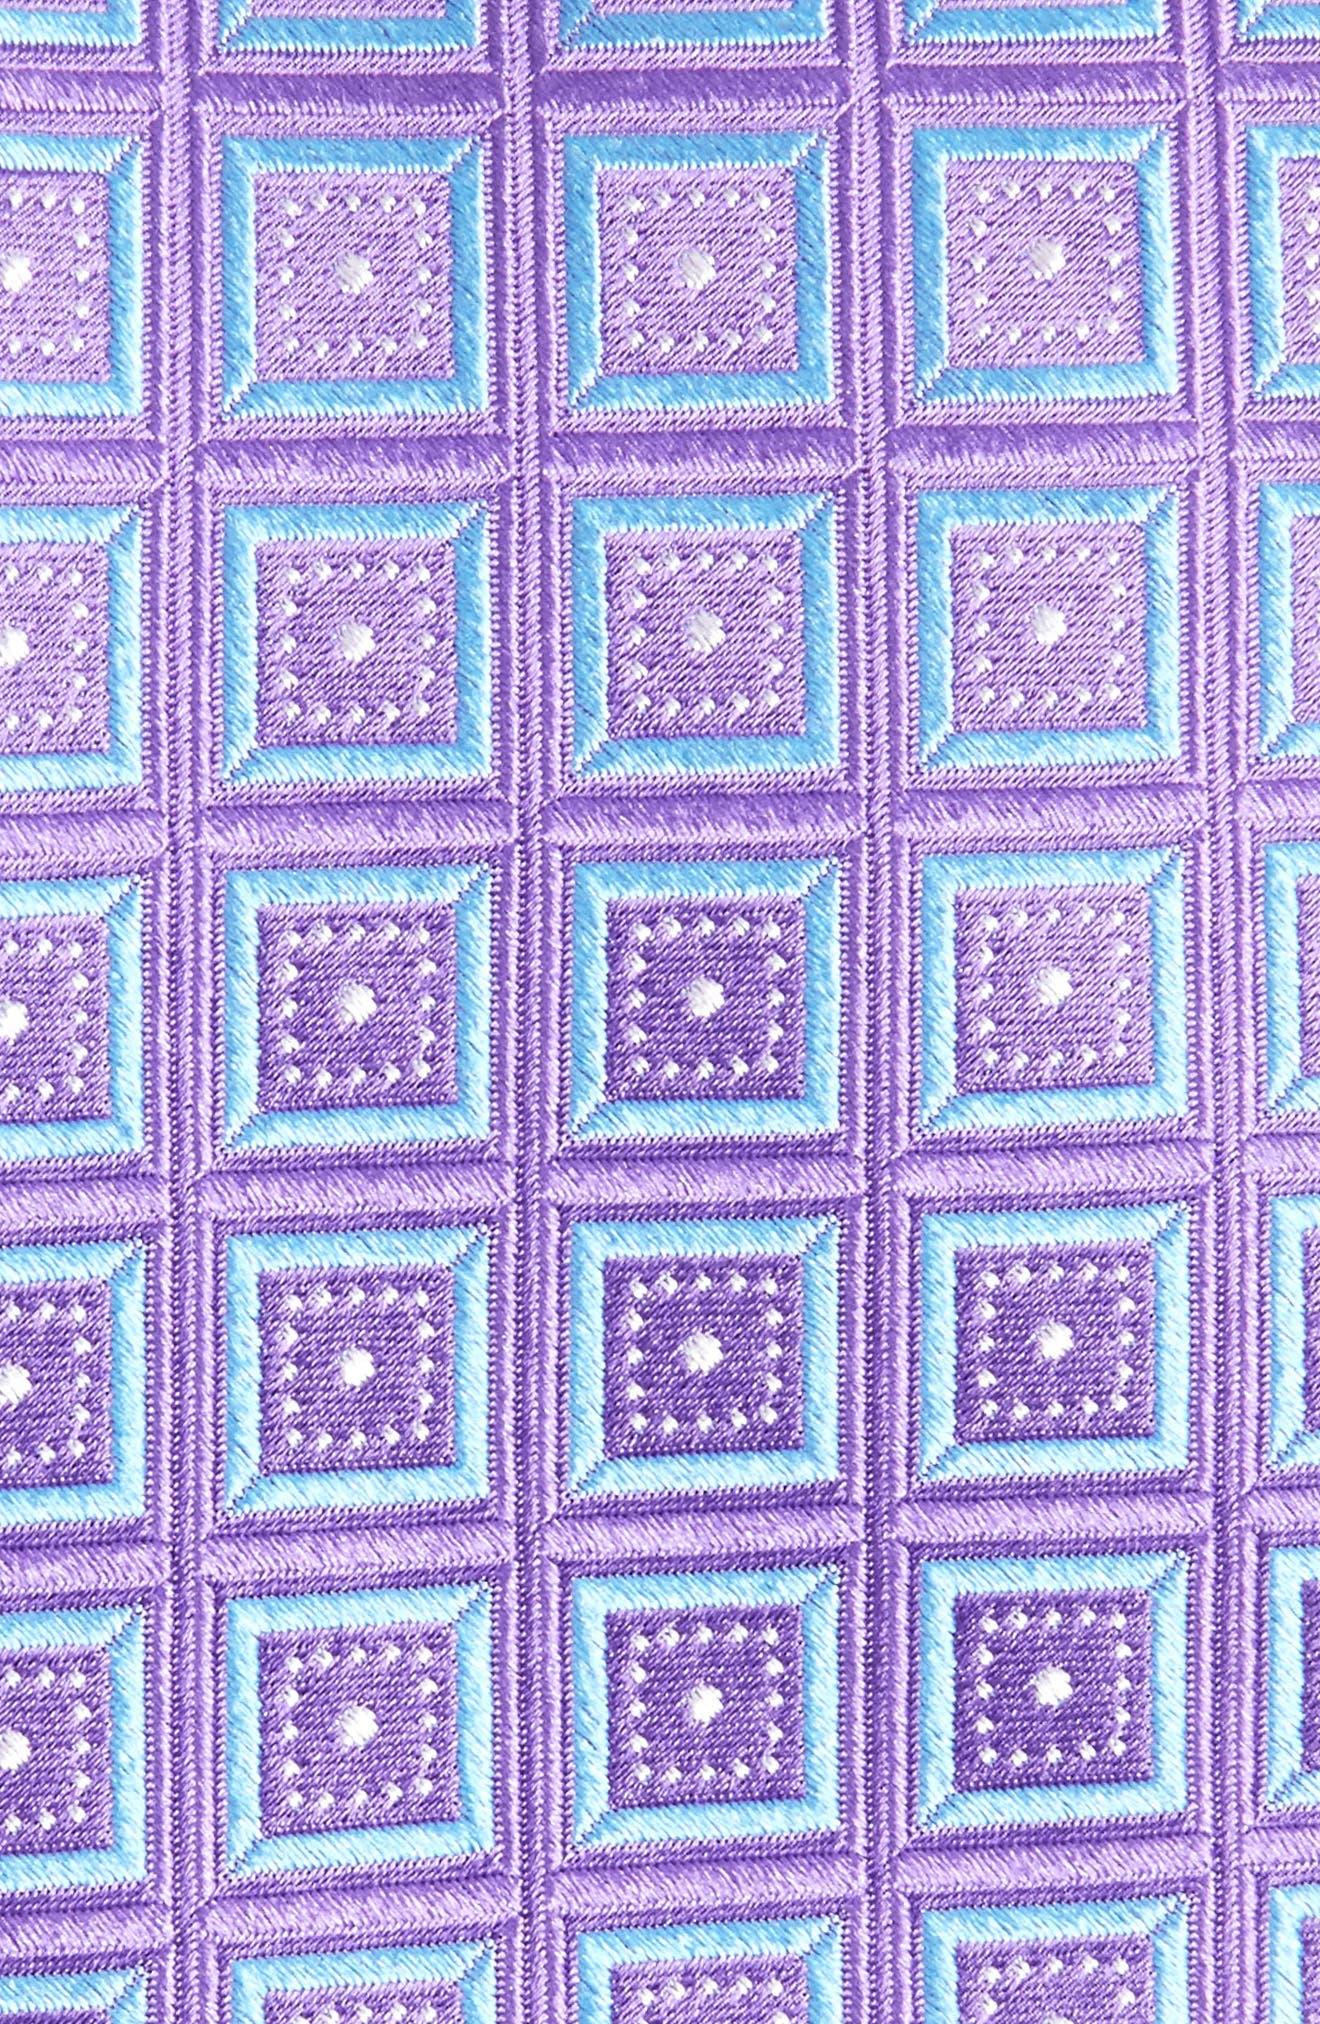 Sublime Squares Geometric Silk Tie,                             Alternate thumbnail 2, color,                             LAVENDER